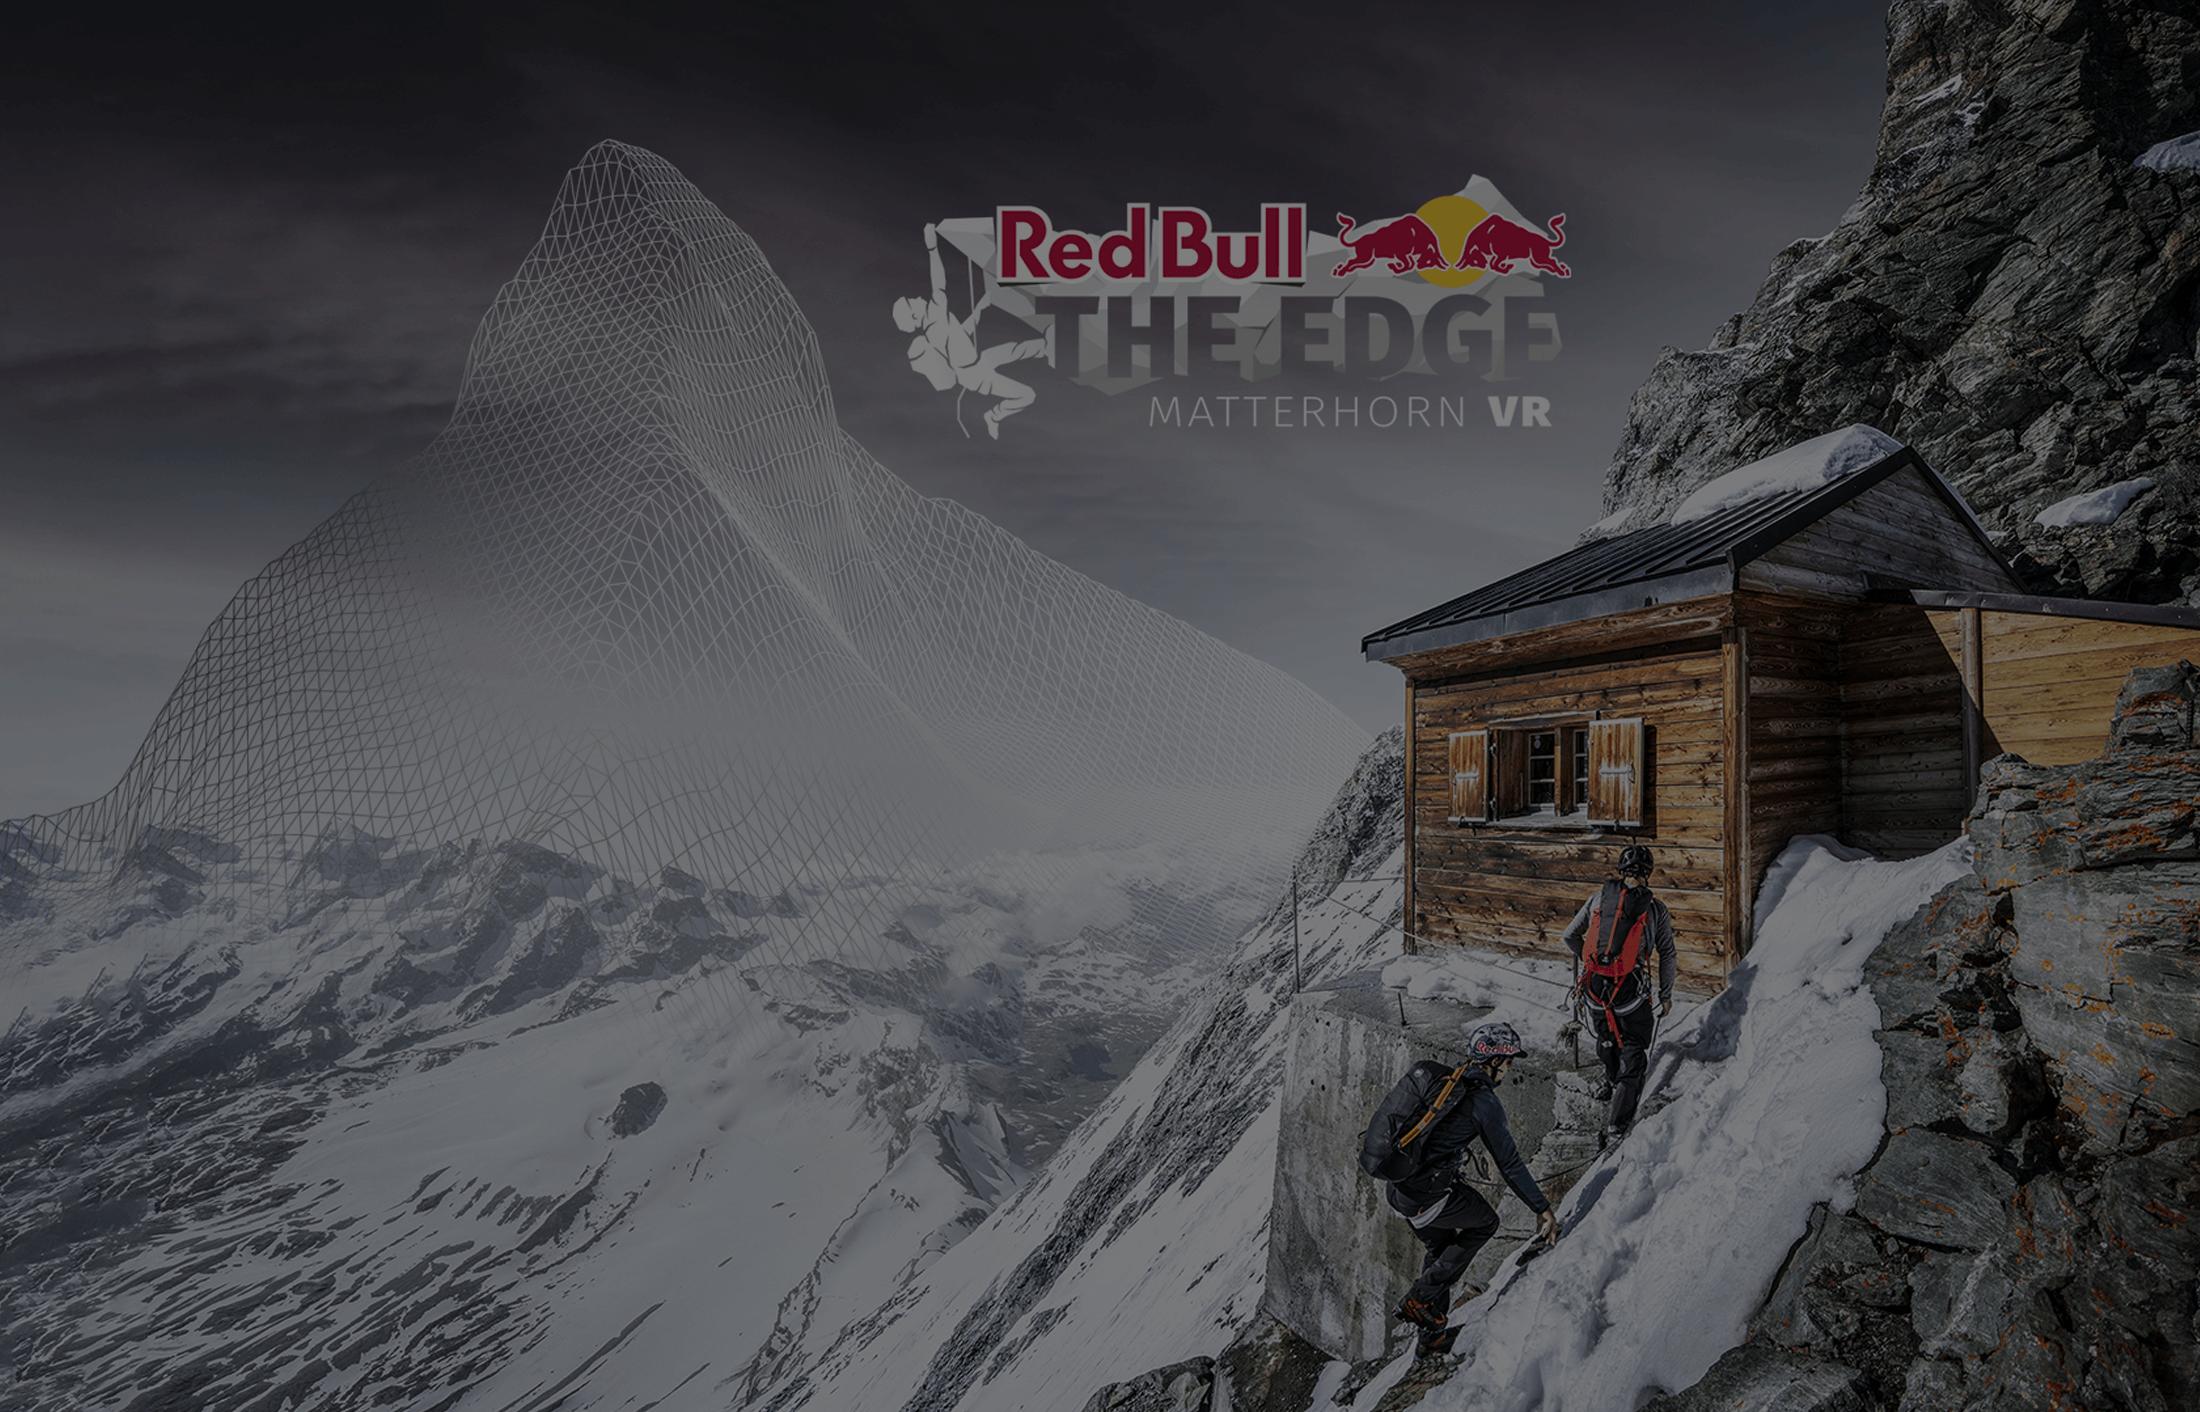 Red Bull: THE EDGE Matterhorn VR